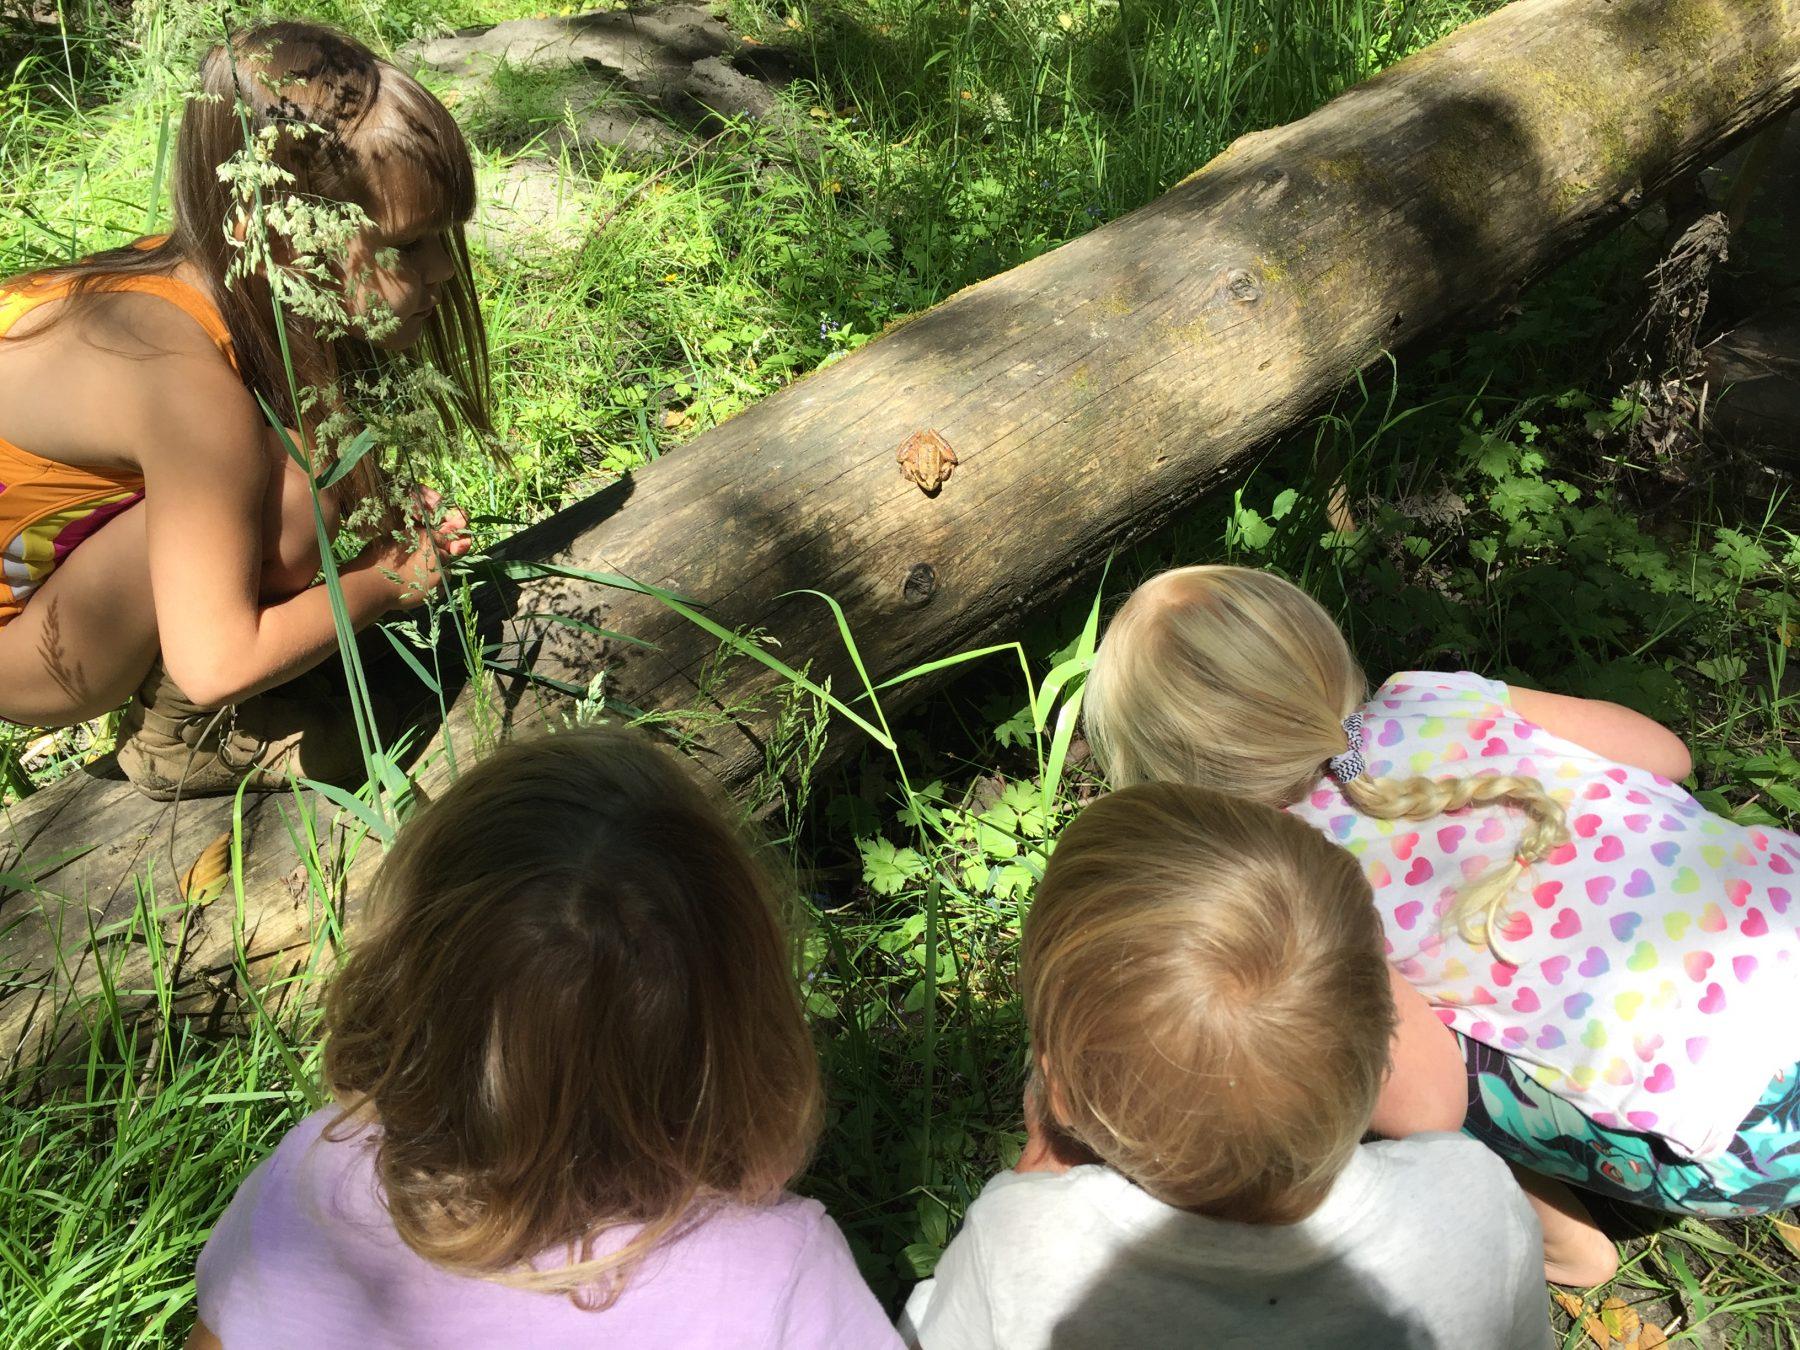 Children observing a frog